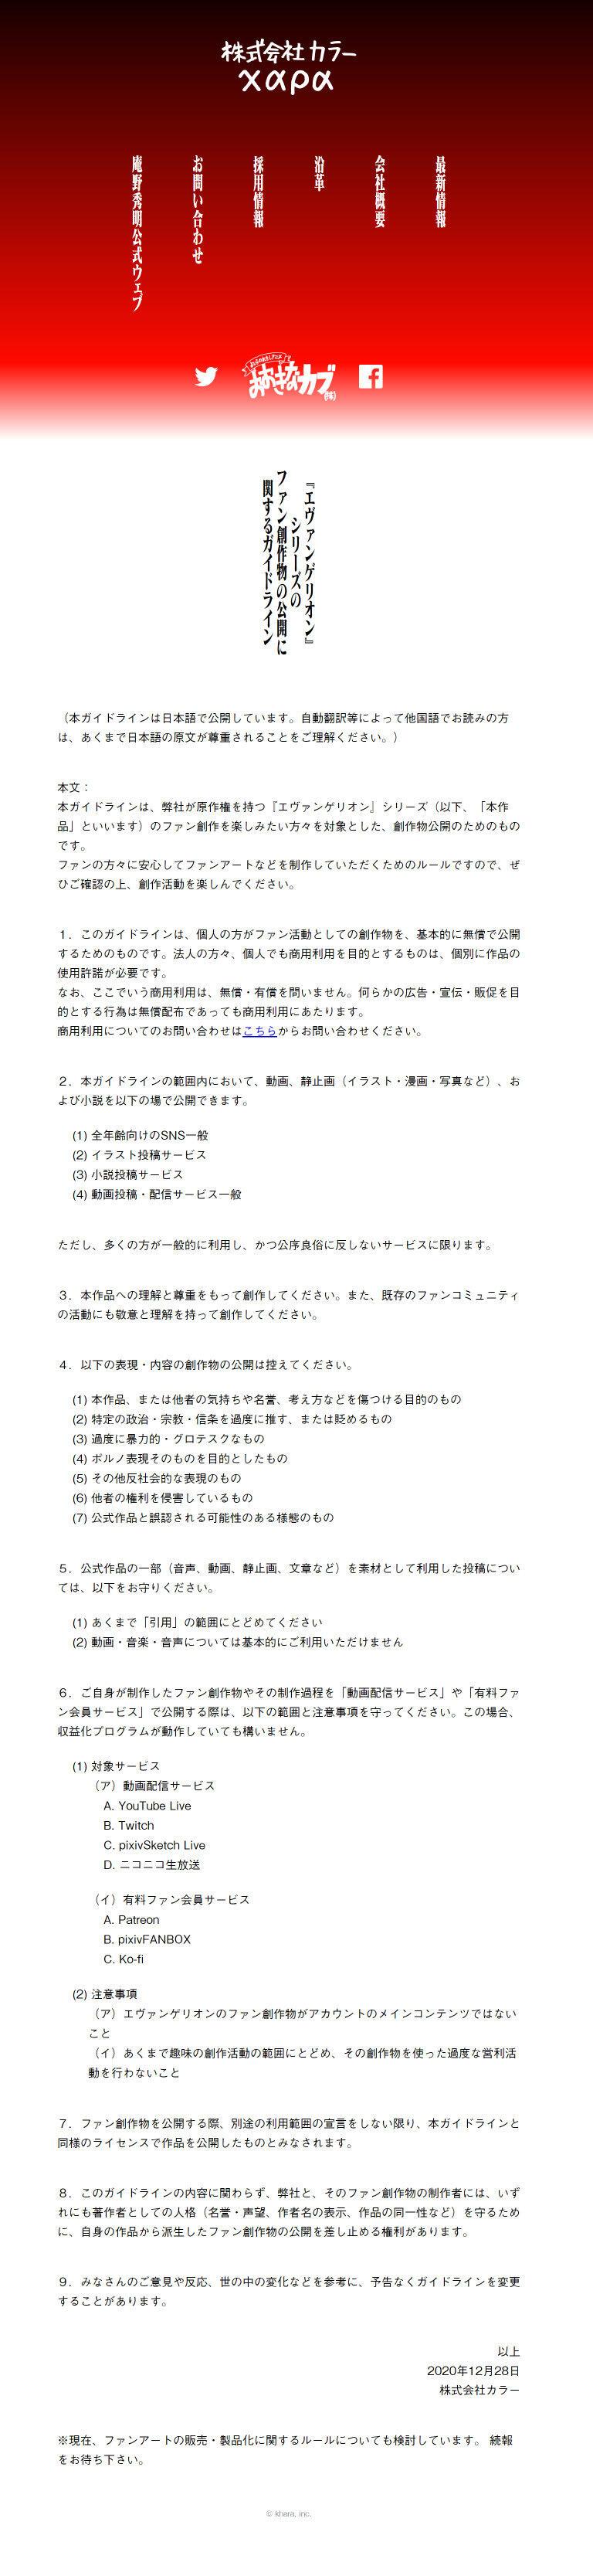 「『エヴァンゲリオン』シリーズのファン創作物の公開に関するガイドライン」全文